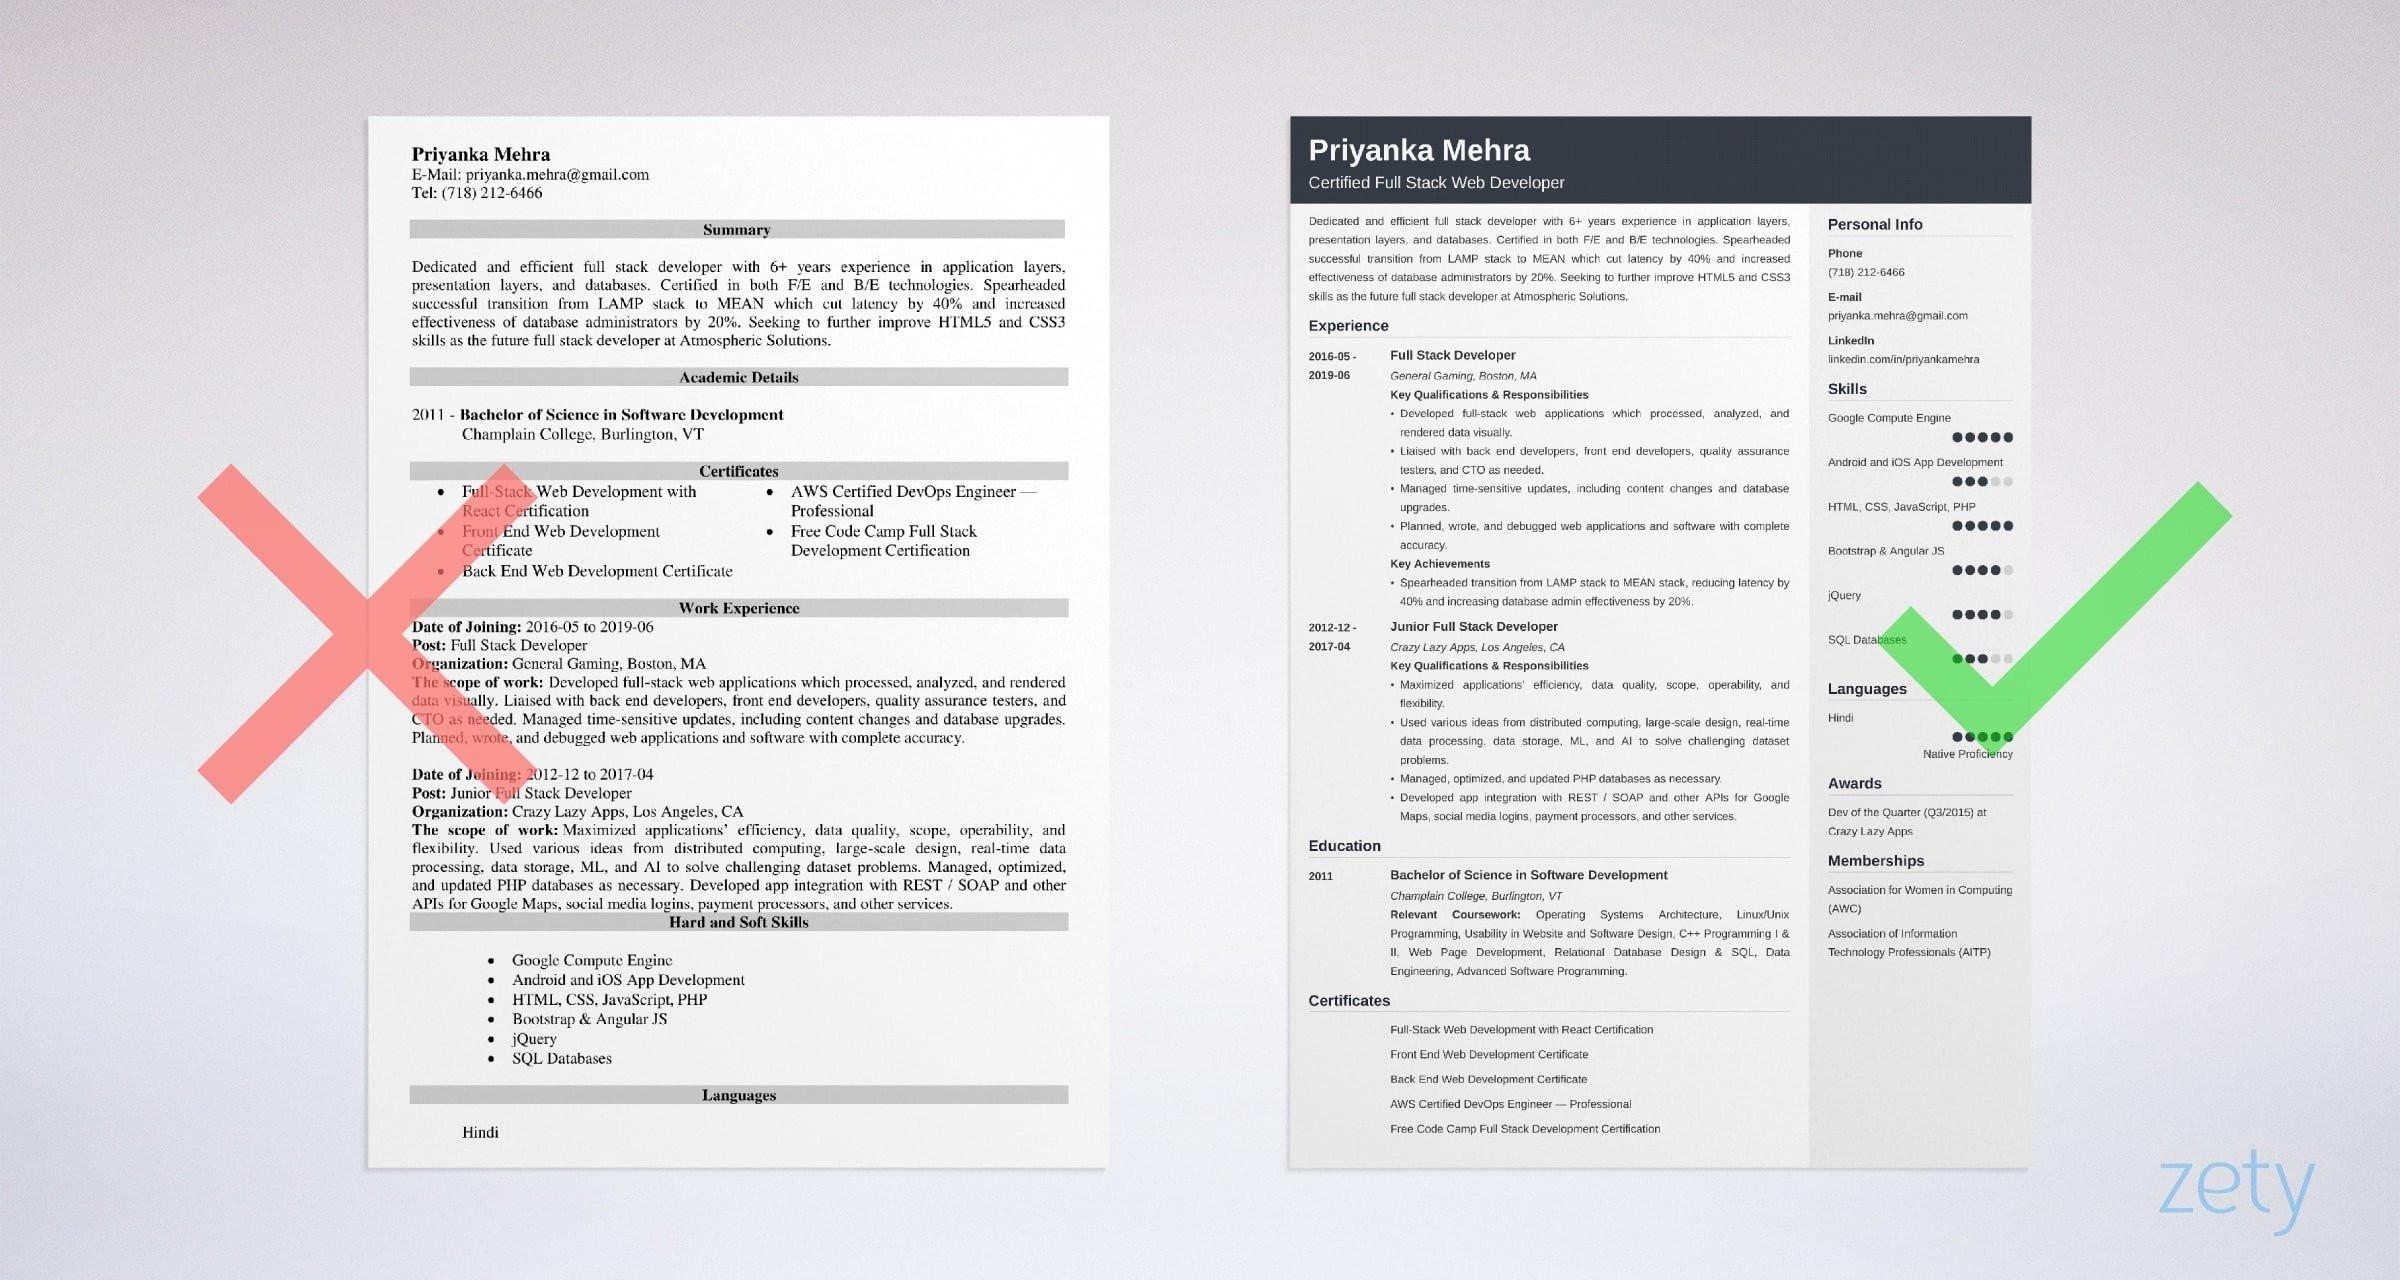 Sample Resume for Java Full Stack Developer Full Stack Developer Resume Examples [web, Java, .net, Etc]